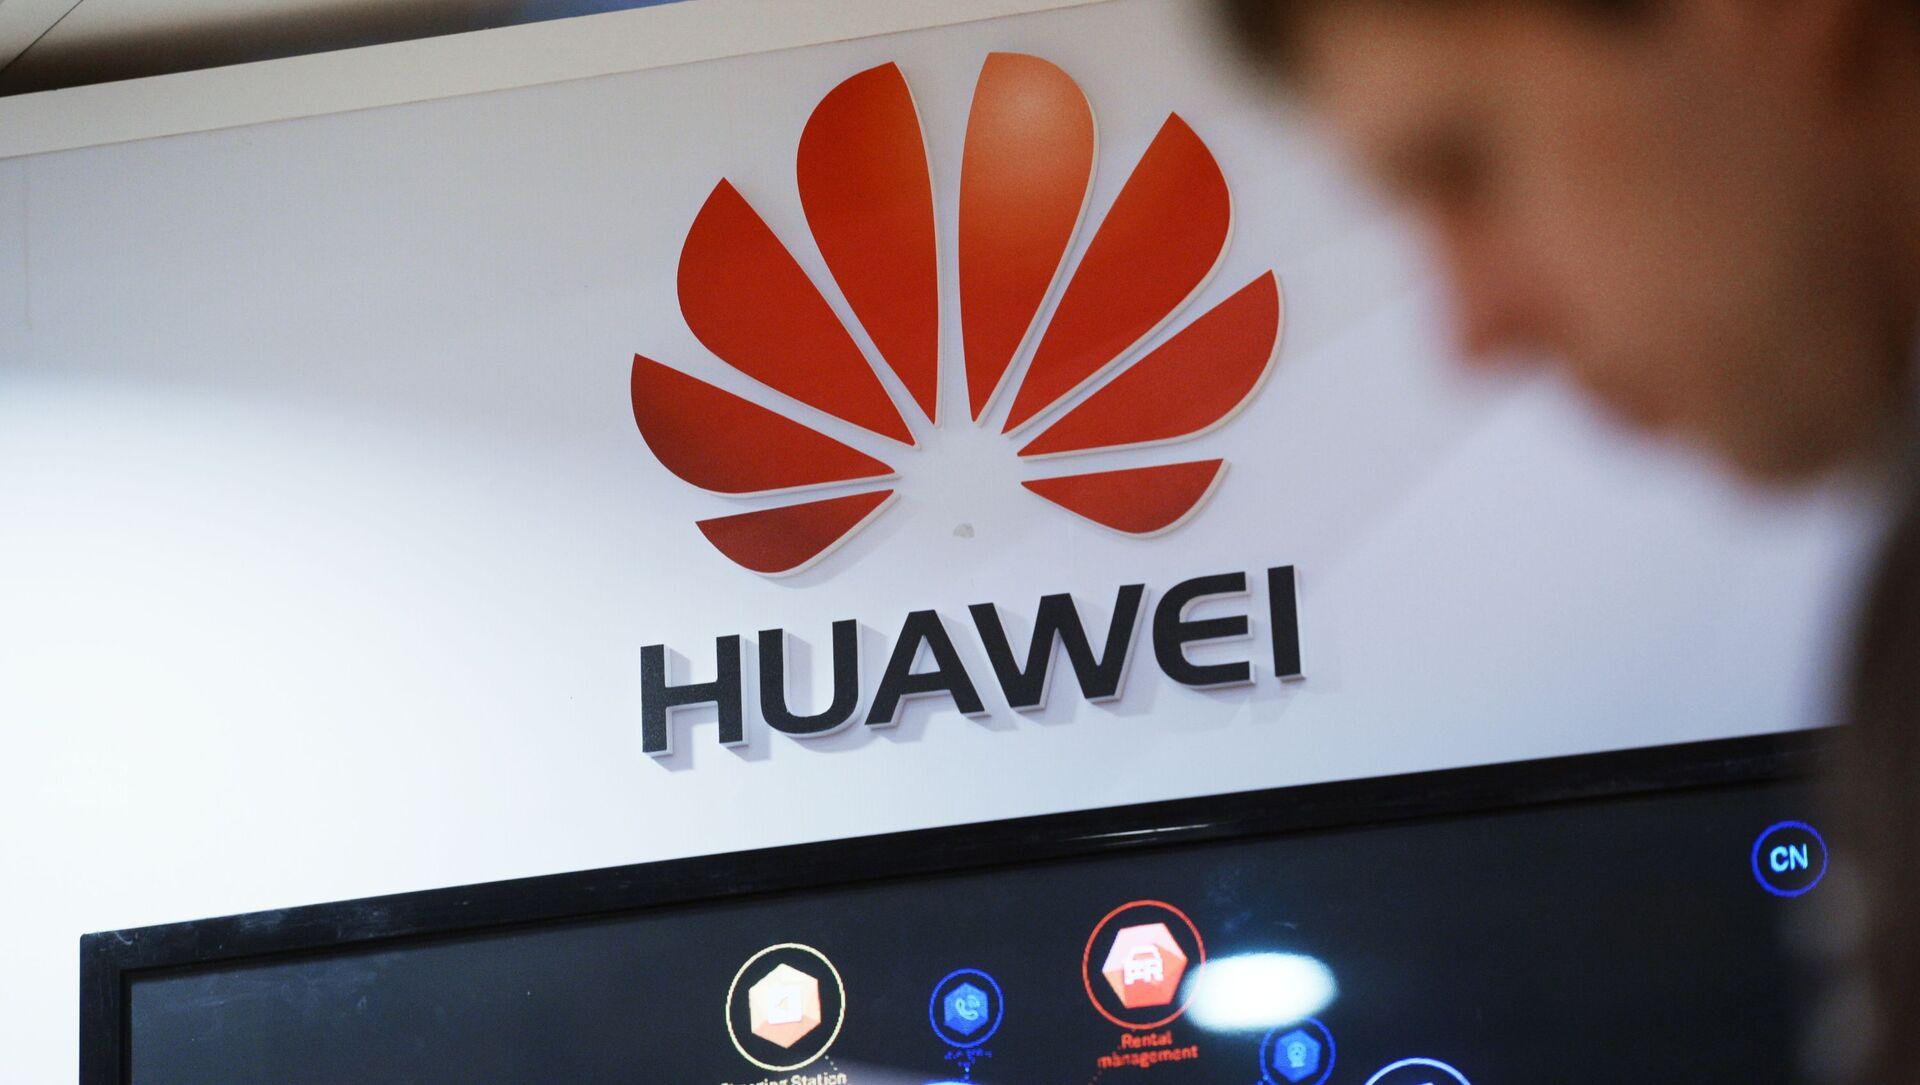 El logo de la compañía china Huawei - Sputnik Mundo, 1920, 03.11.2020